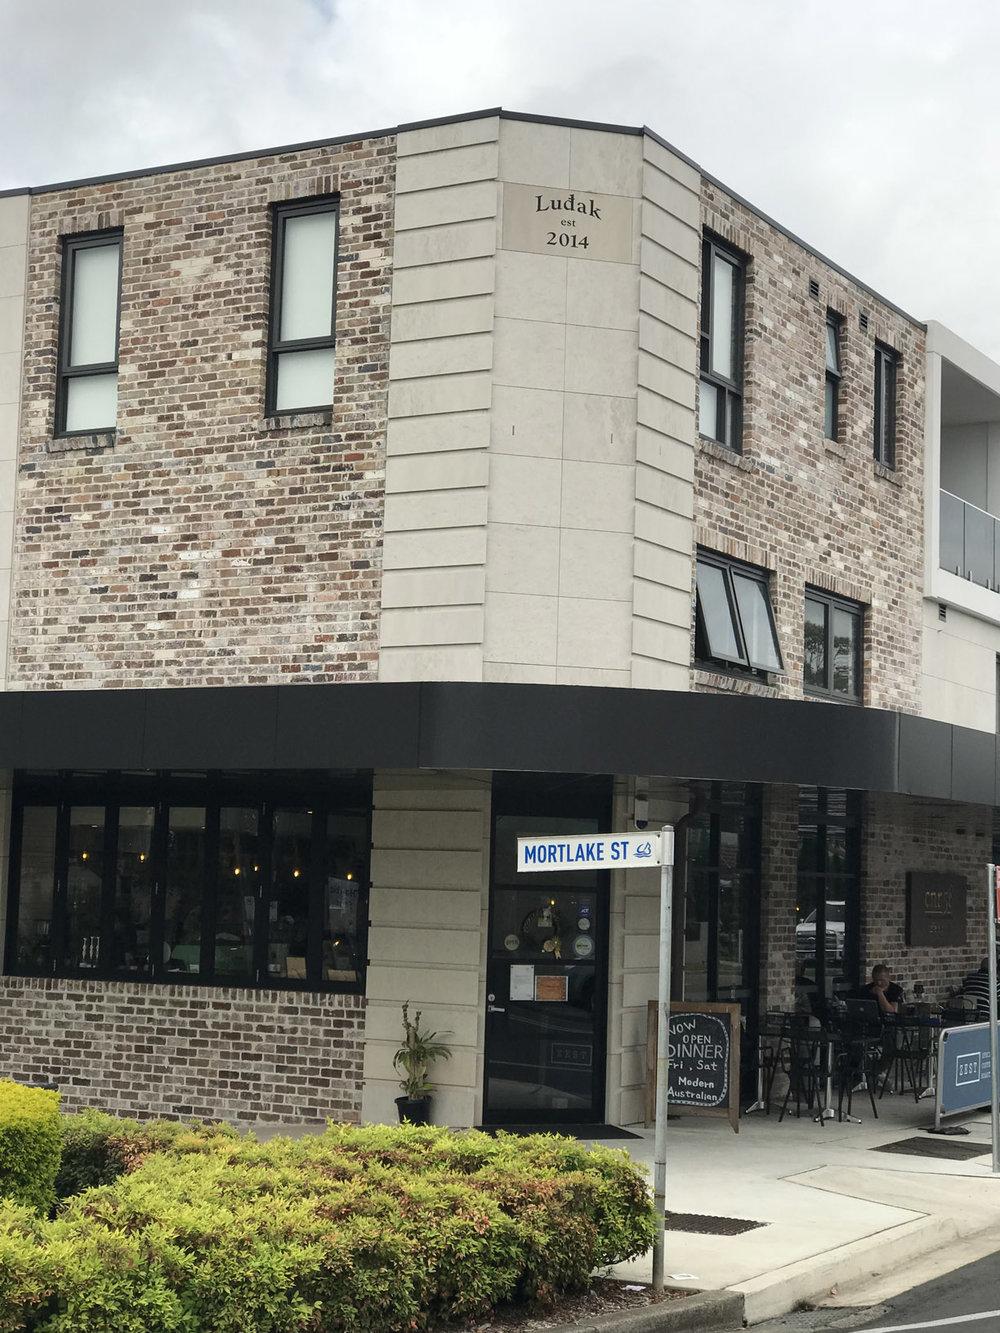 Cnr 58 Cafe Building Mortlake, 10 34 33 am.jpg